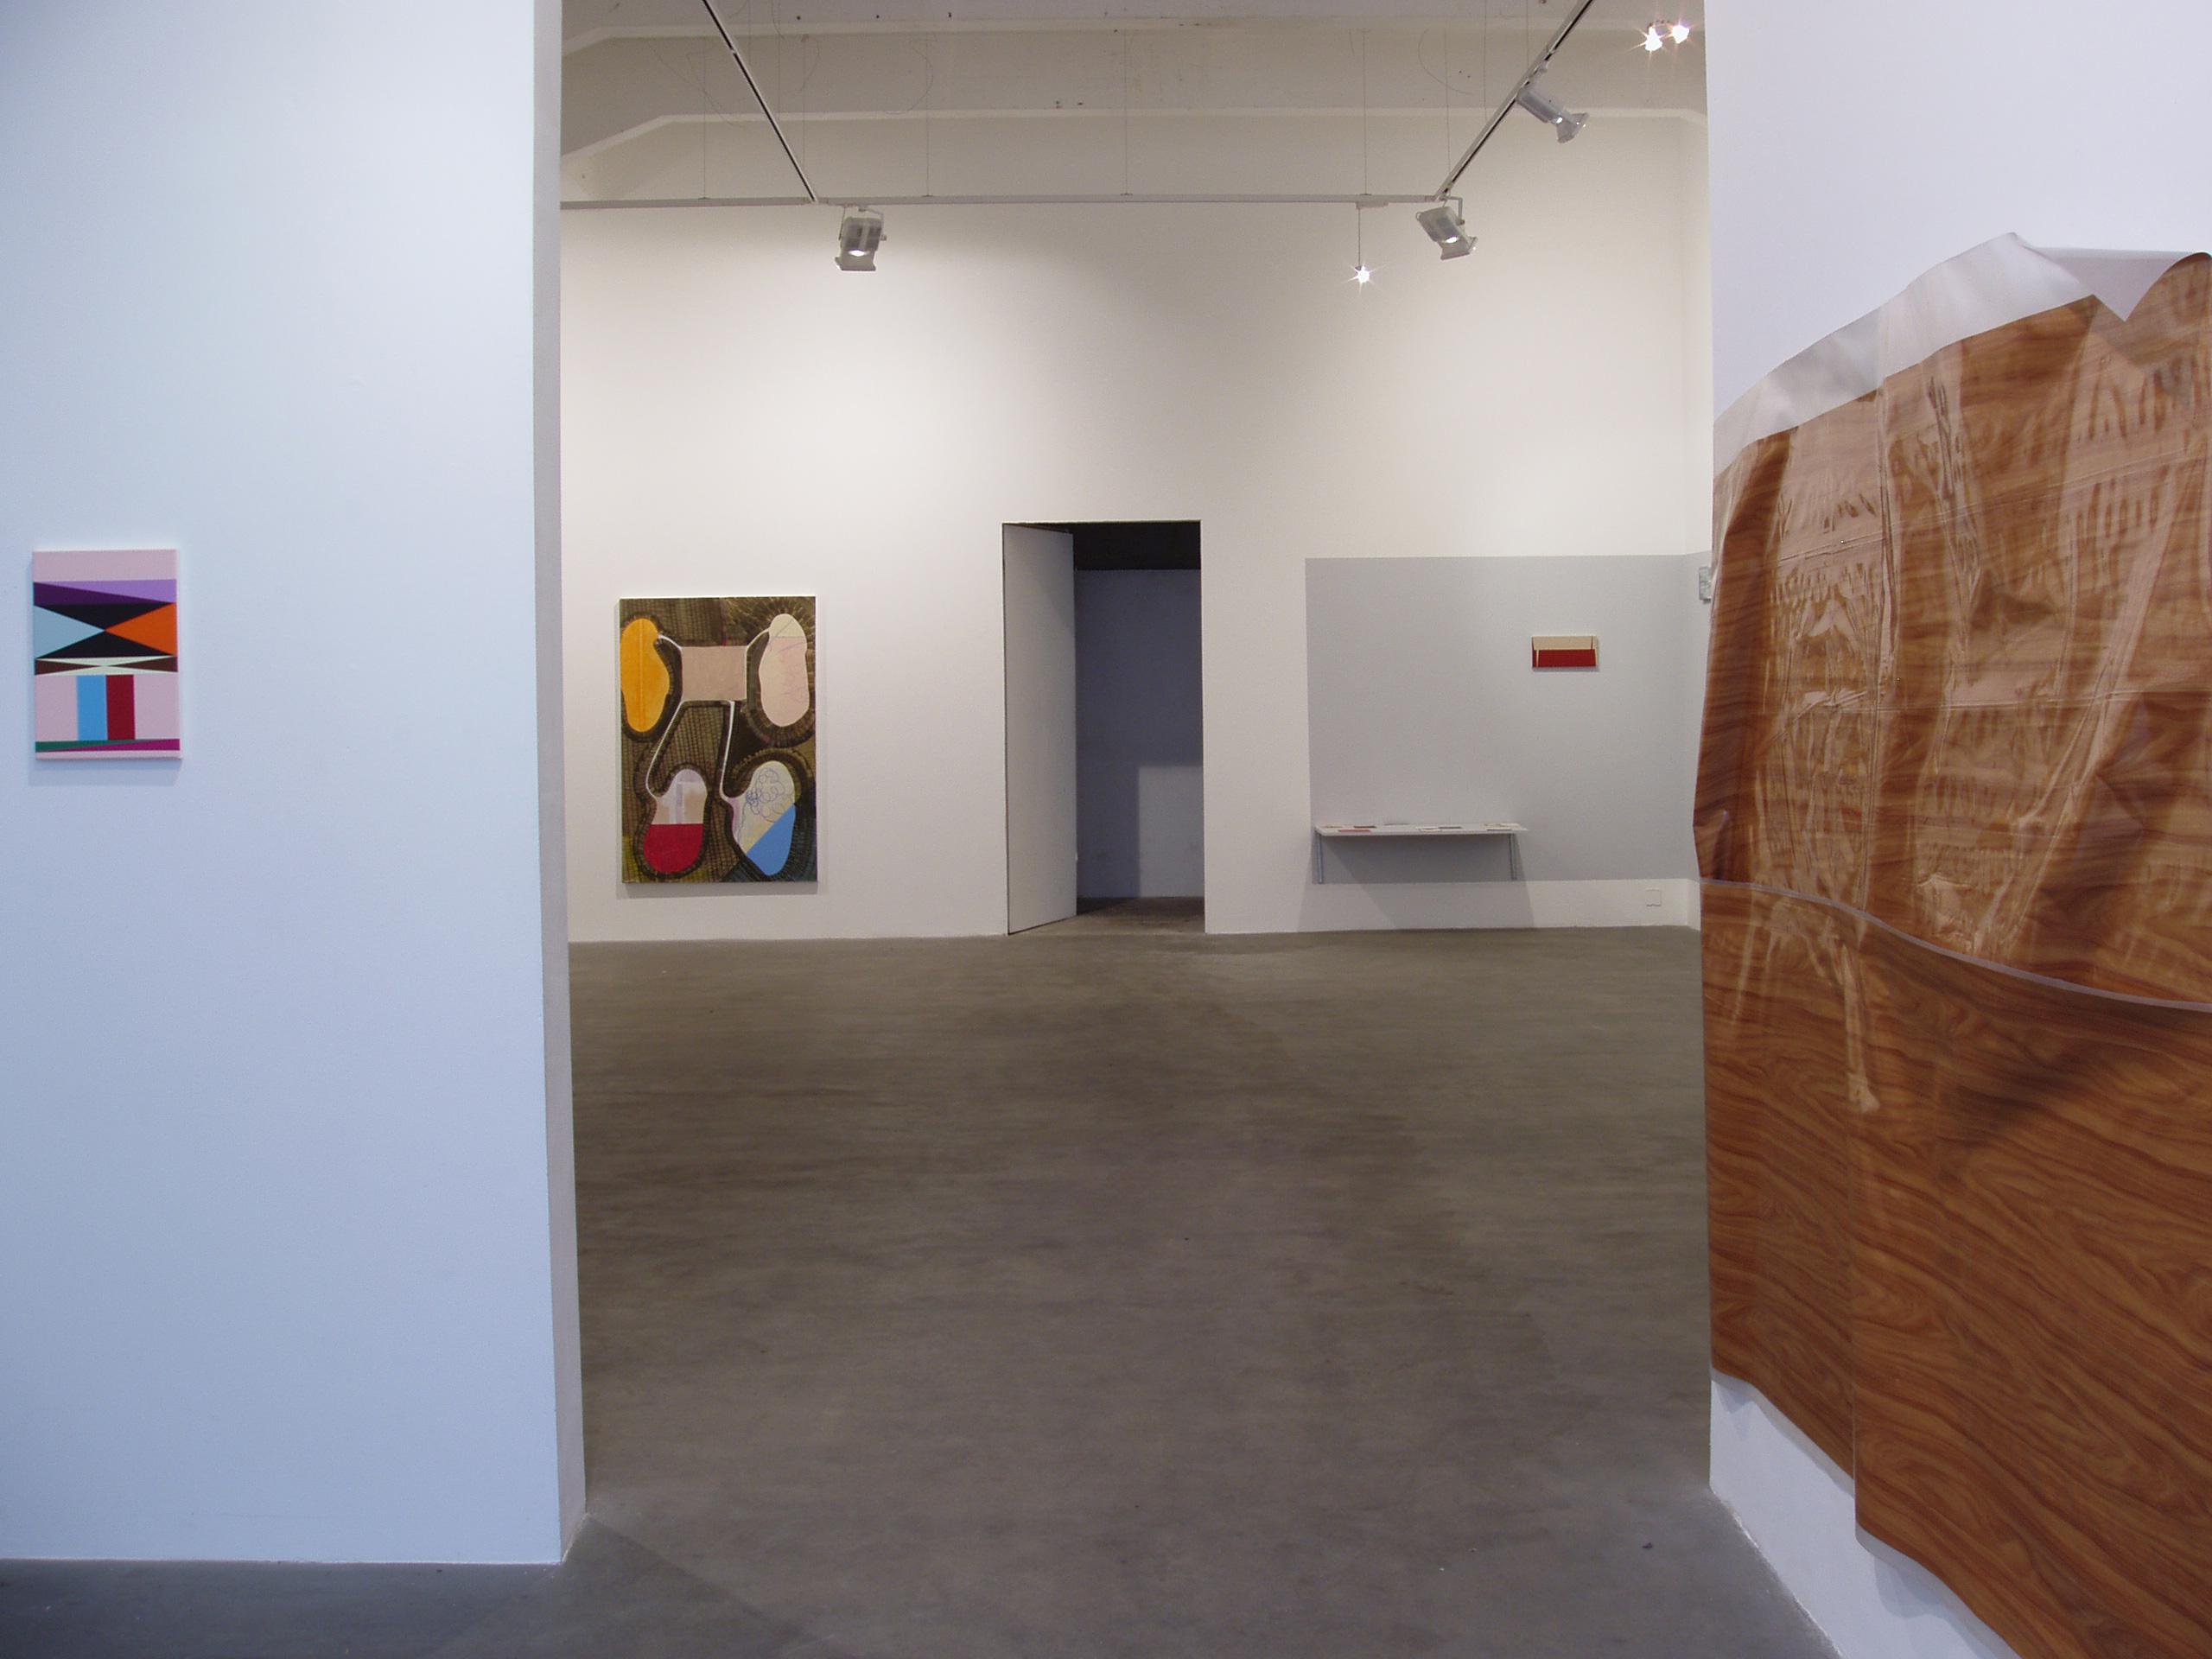 Lothar Gotz/Catherine Ferguson/Tim Renshaw/Bernice Donszelmann